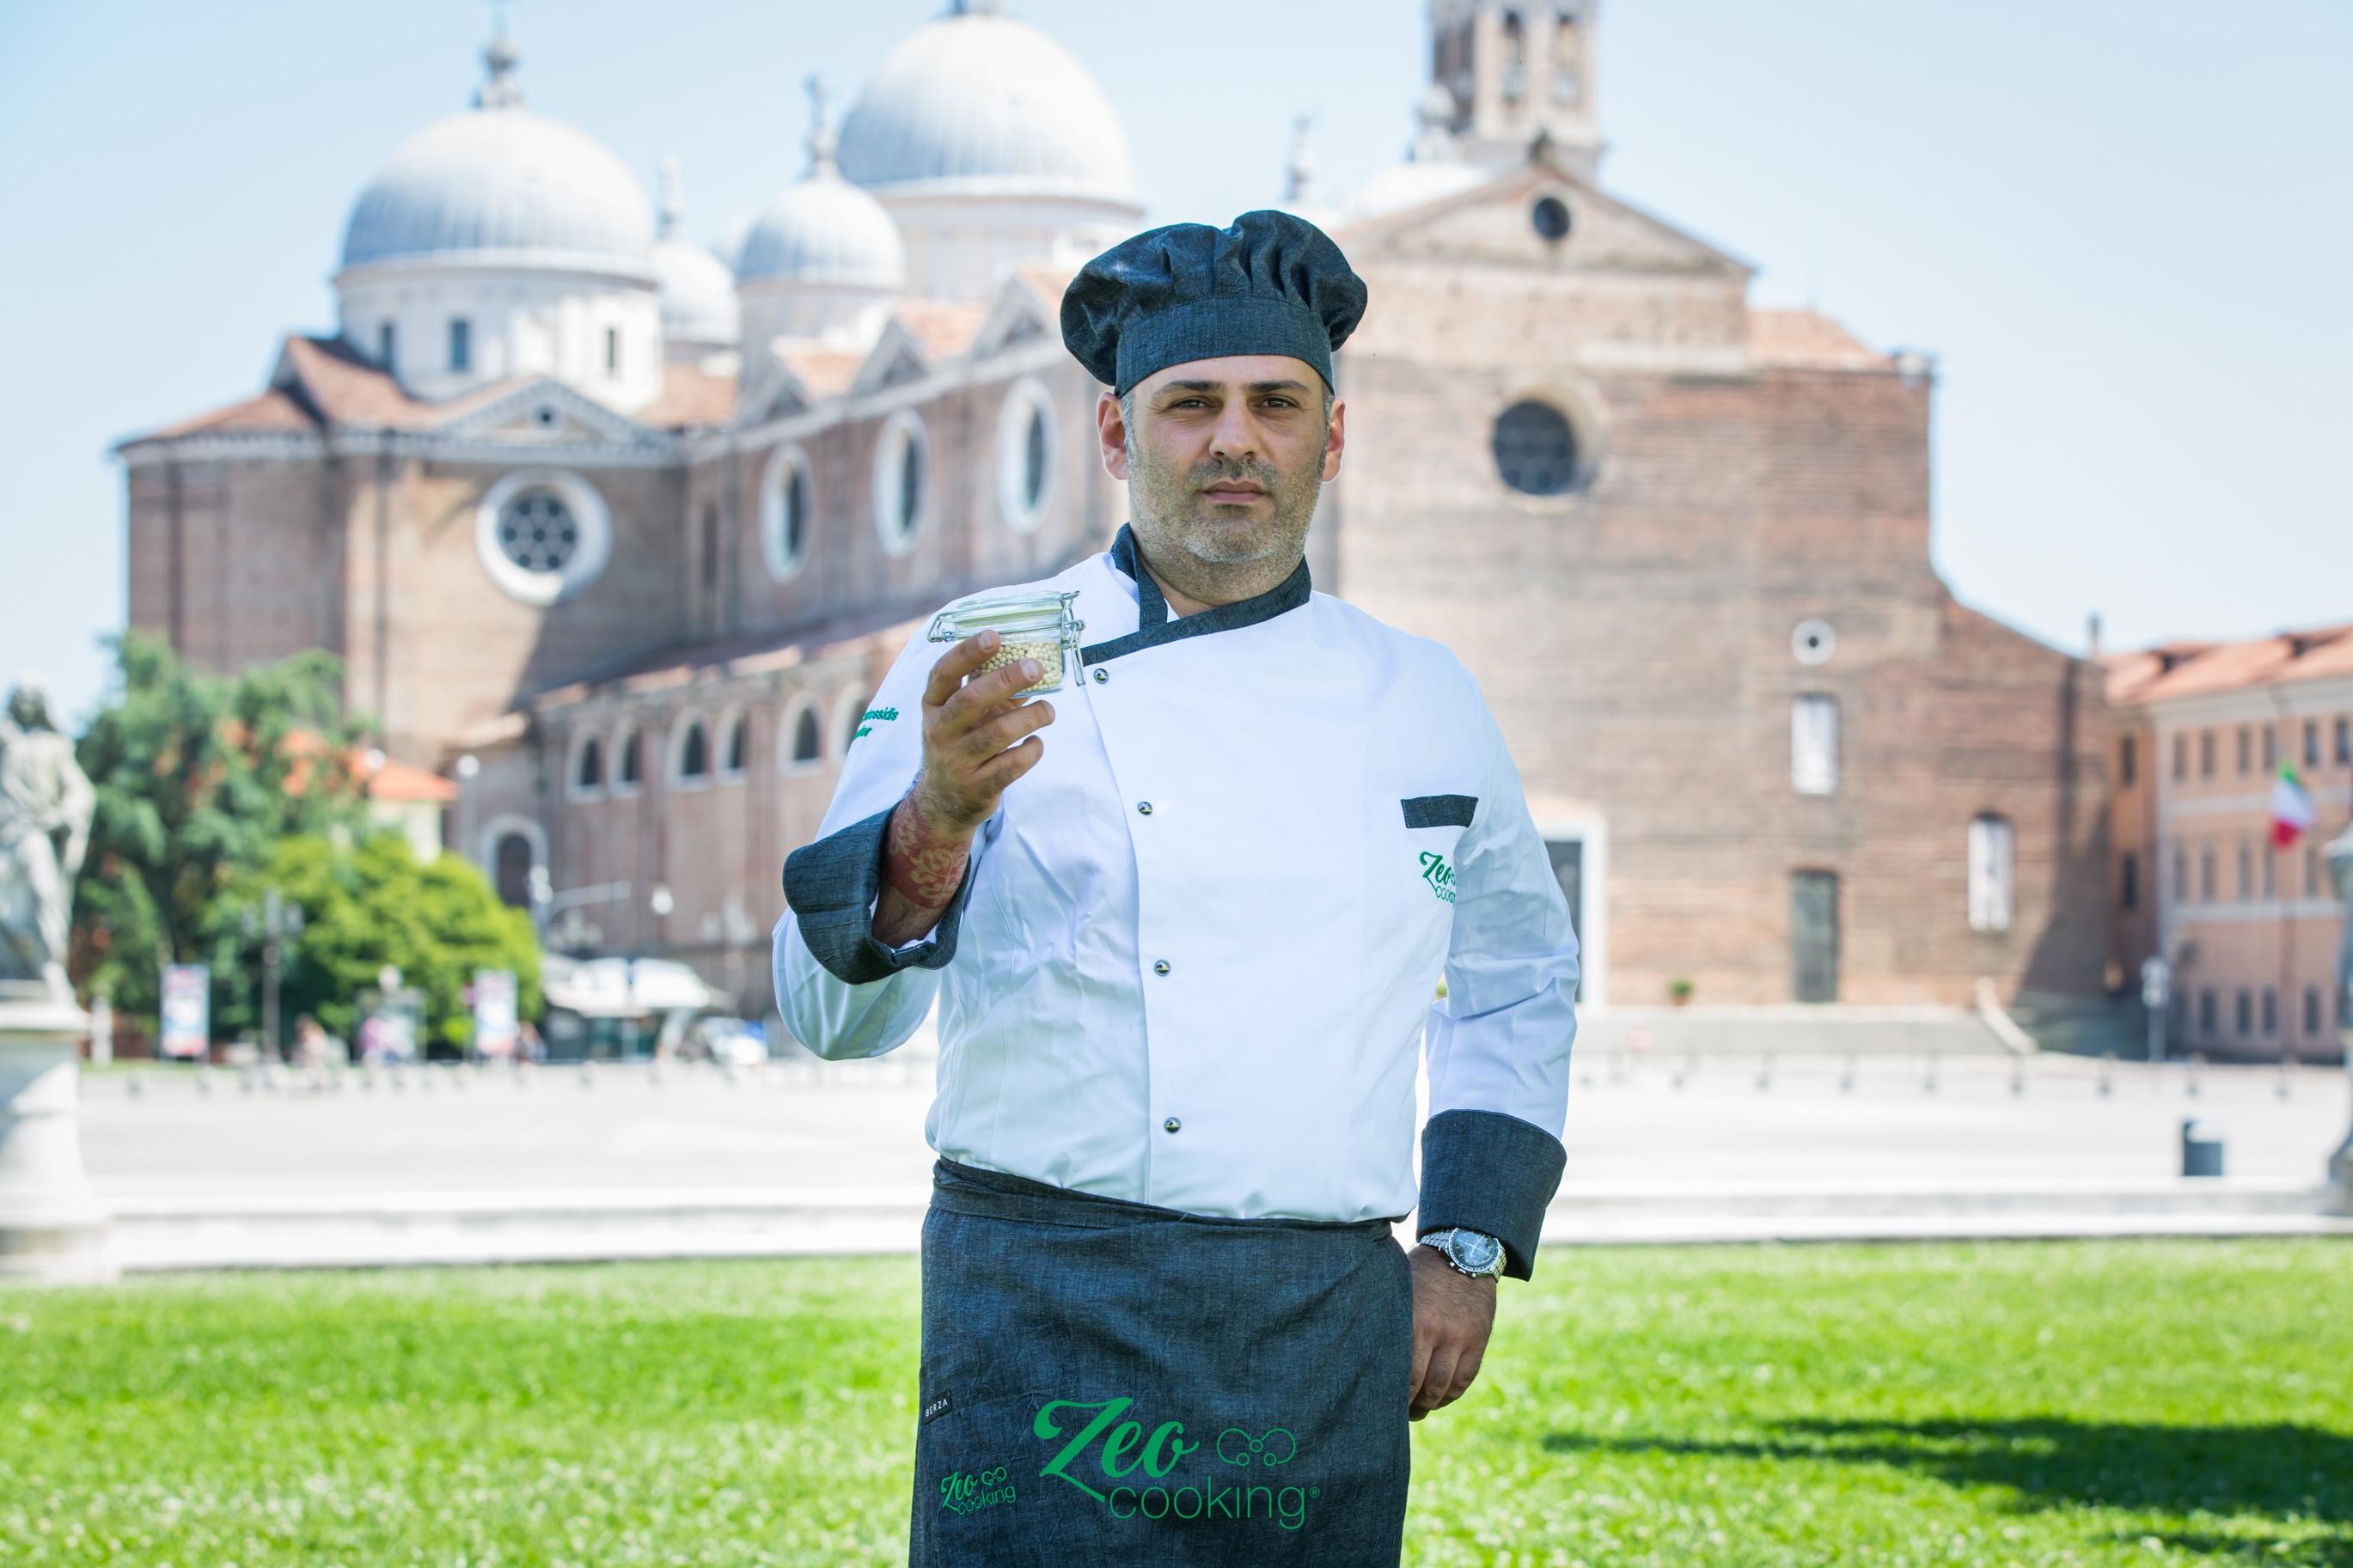 Intervista a Paolo Caratossidis , inventore della rivoluzionaria tecnica per cucinare con la zeolite